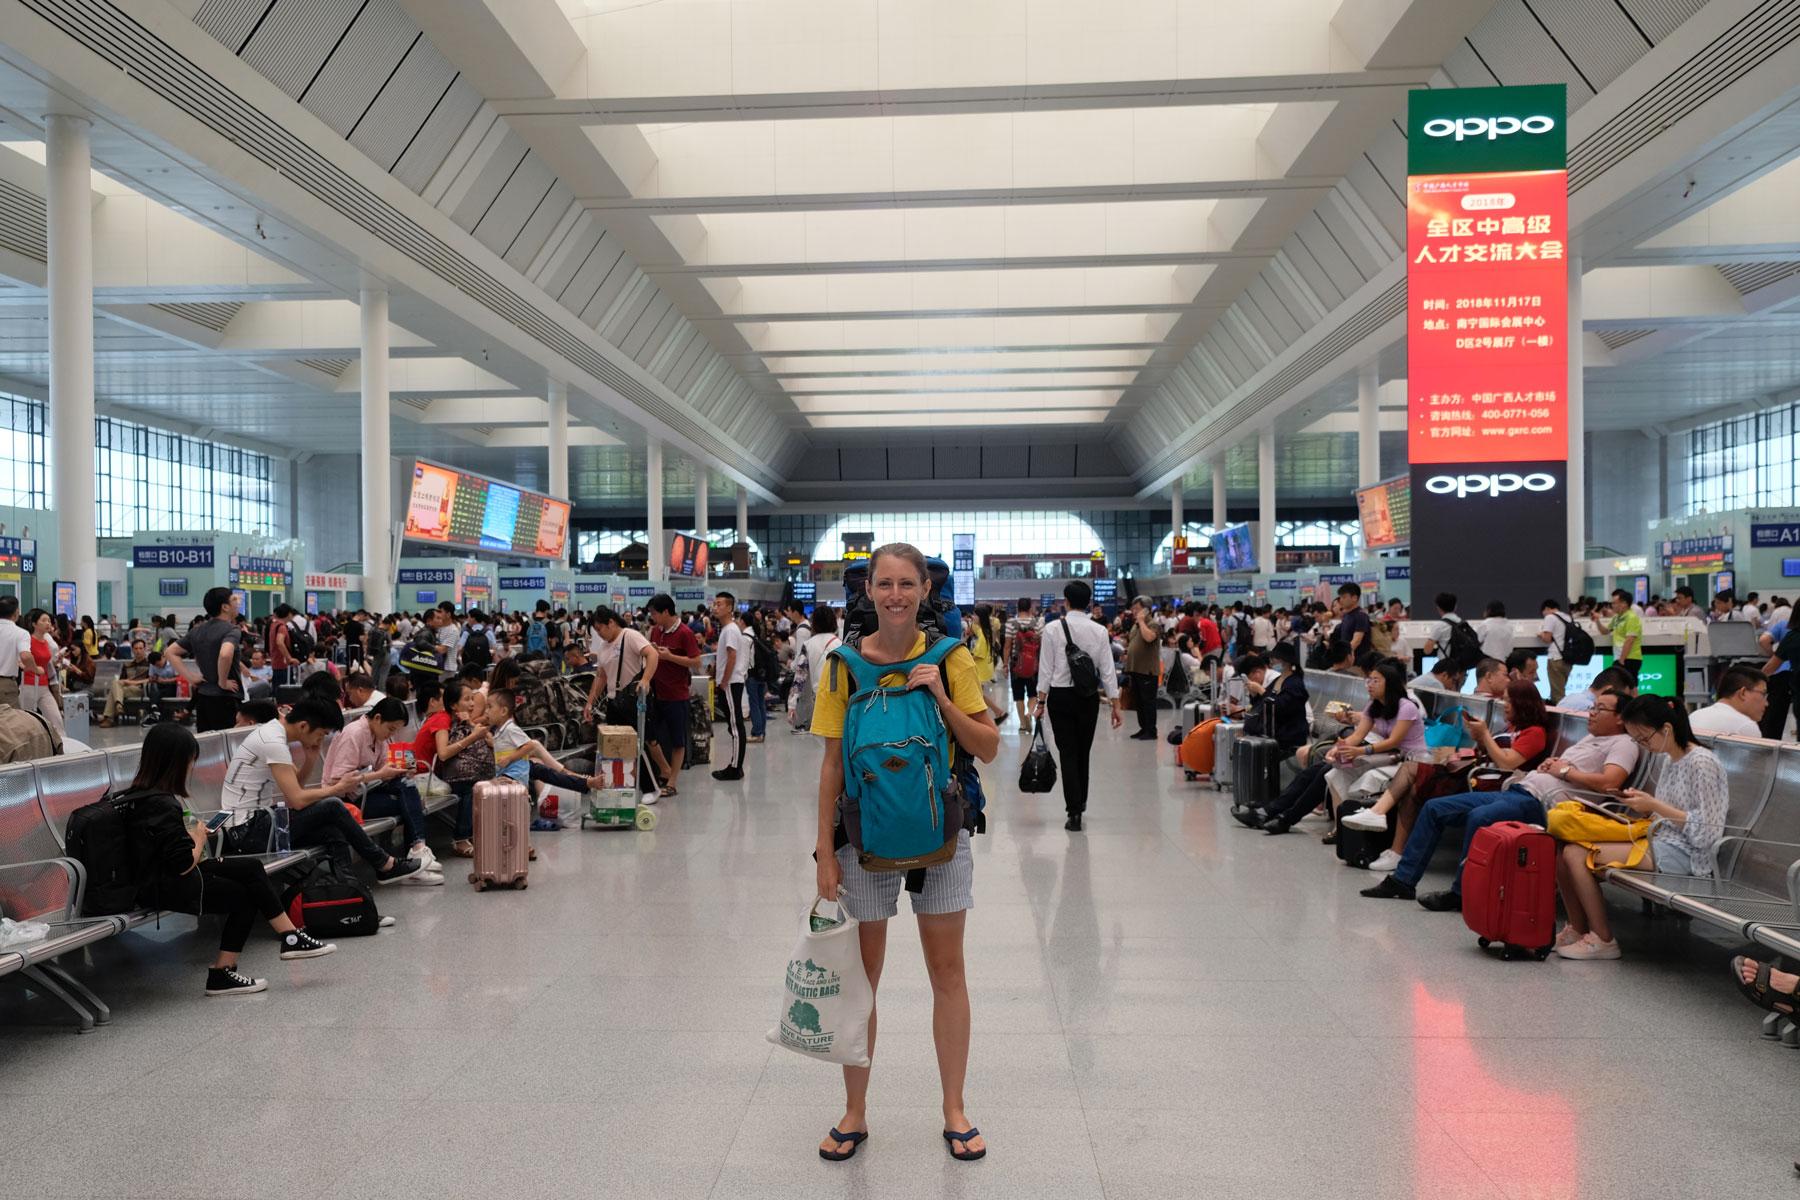 Leo steht mit ihrem Gepäck in der Halle des Bahnhofs Nanning in China.